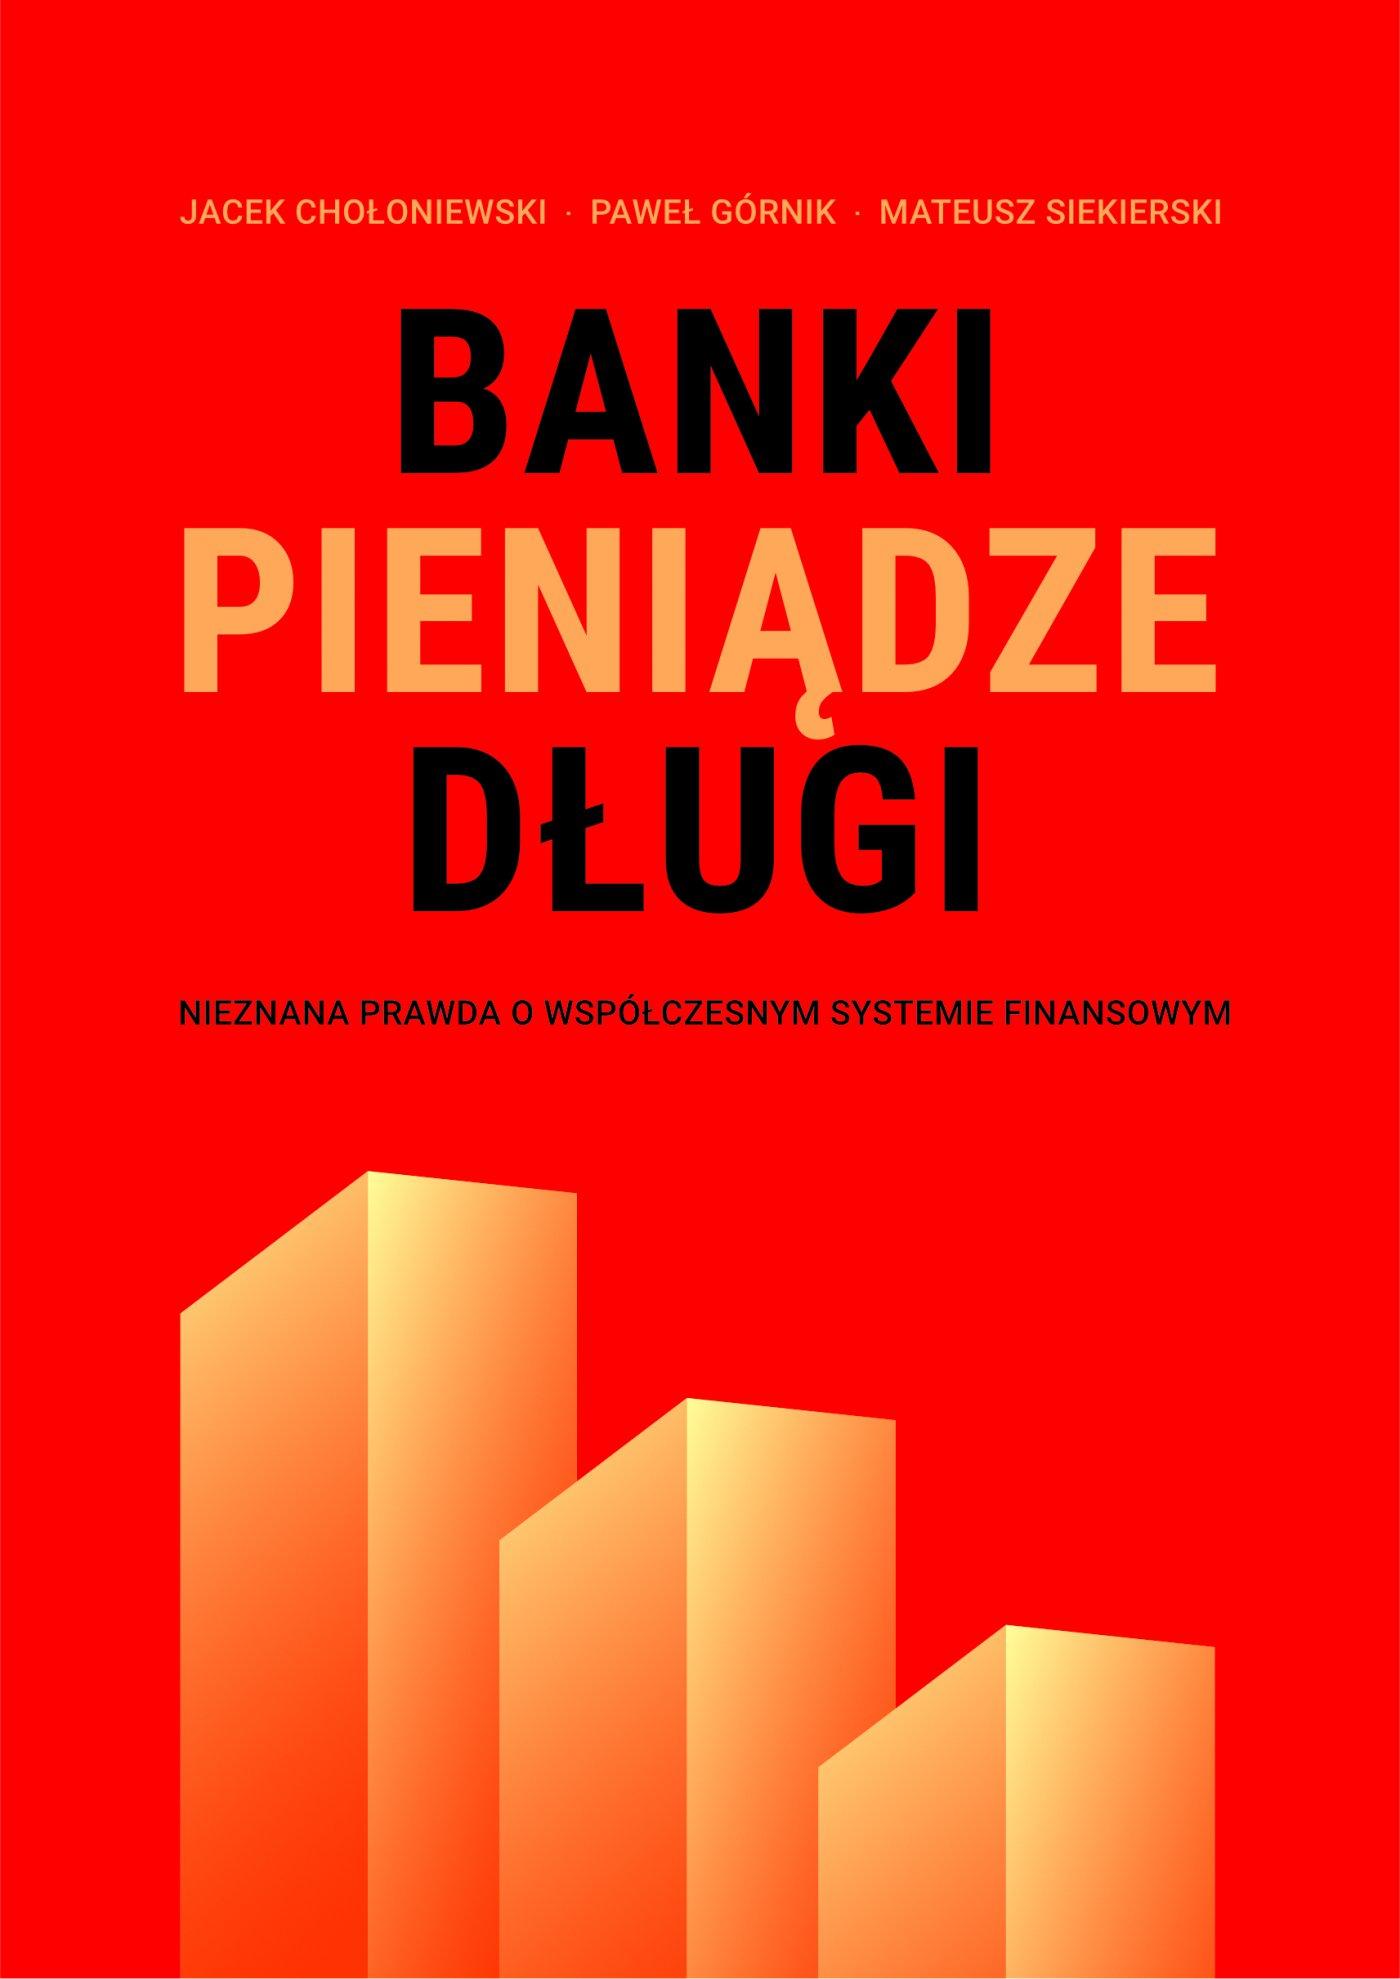 Banki, pieniądze, długi. Nieznana prawda o współczesnym systemie finansowym - Ebook (Książka EPUB) do pobrania w formacie EPUB